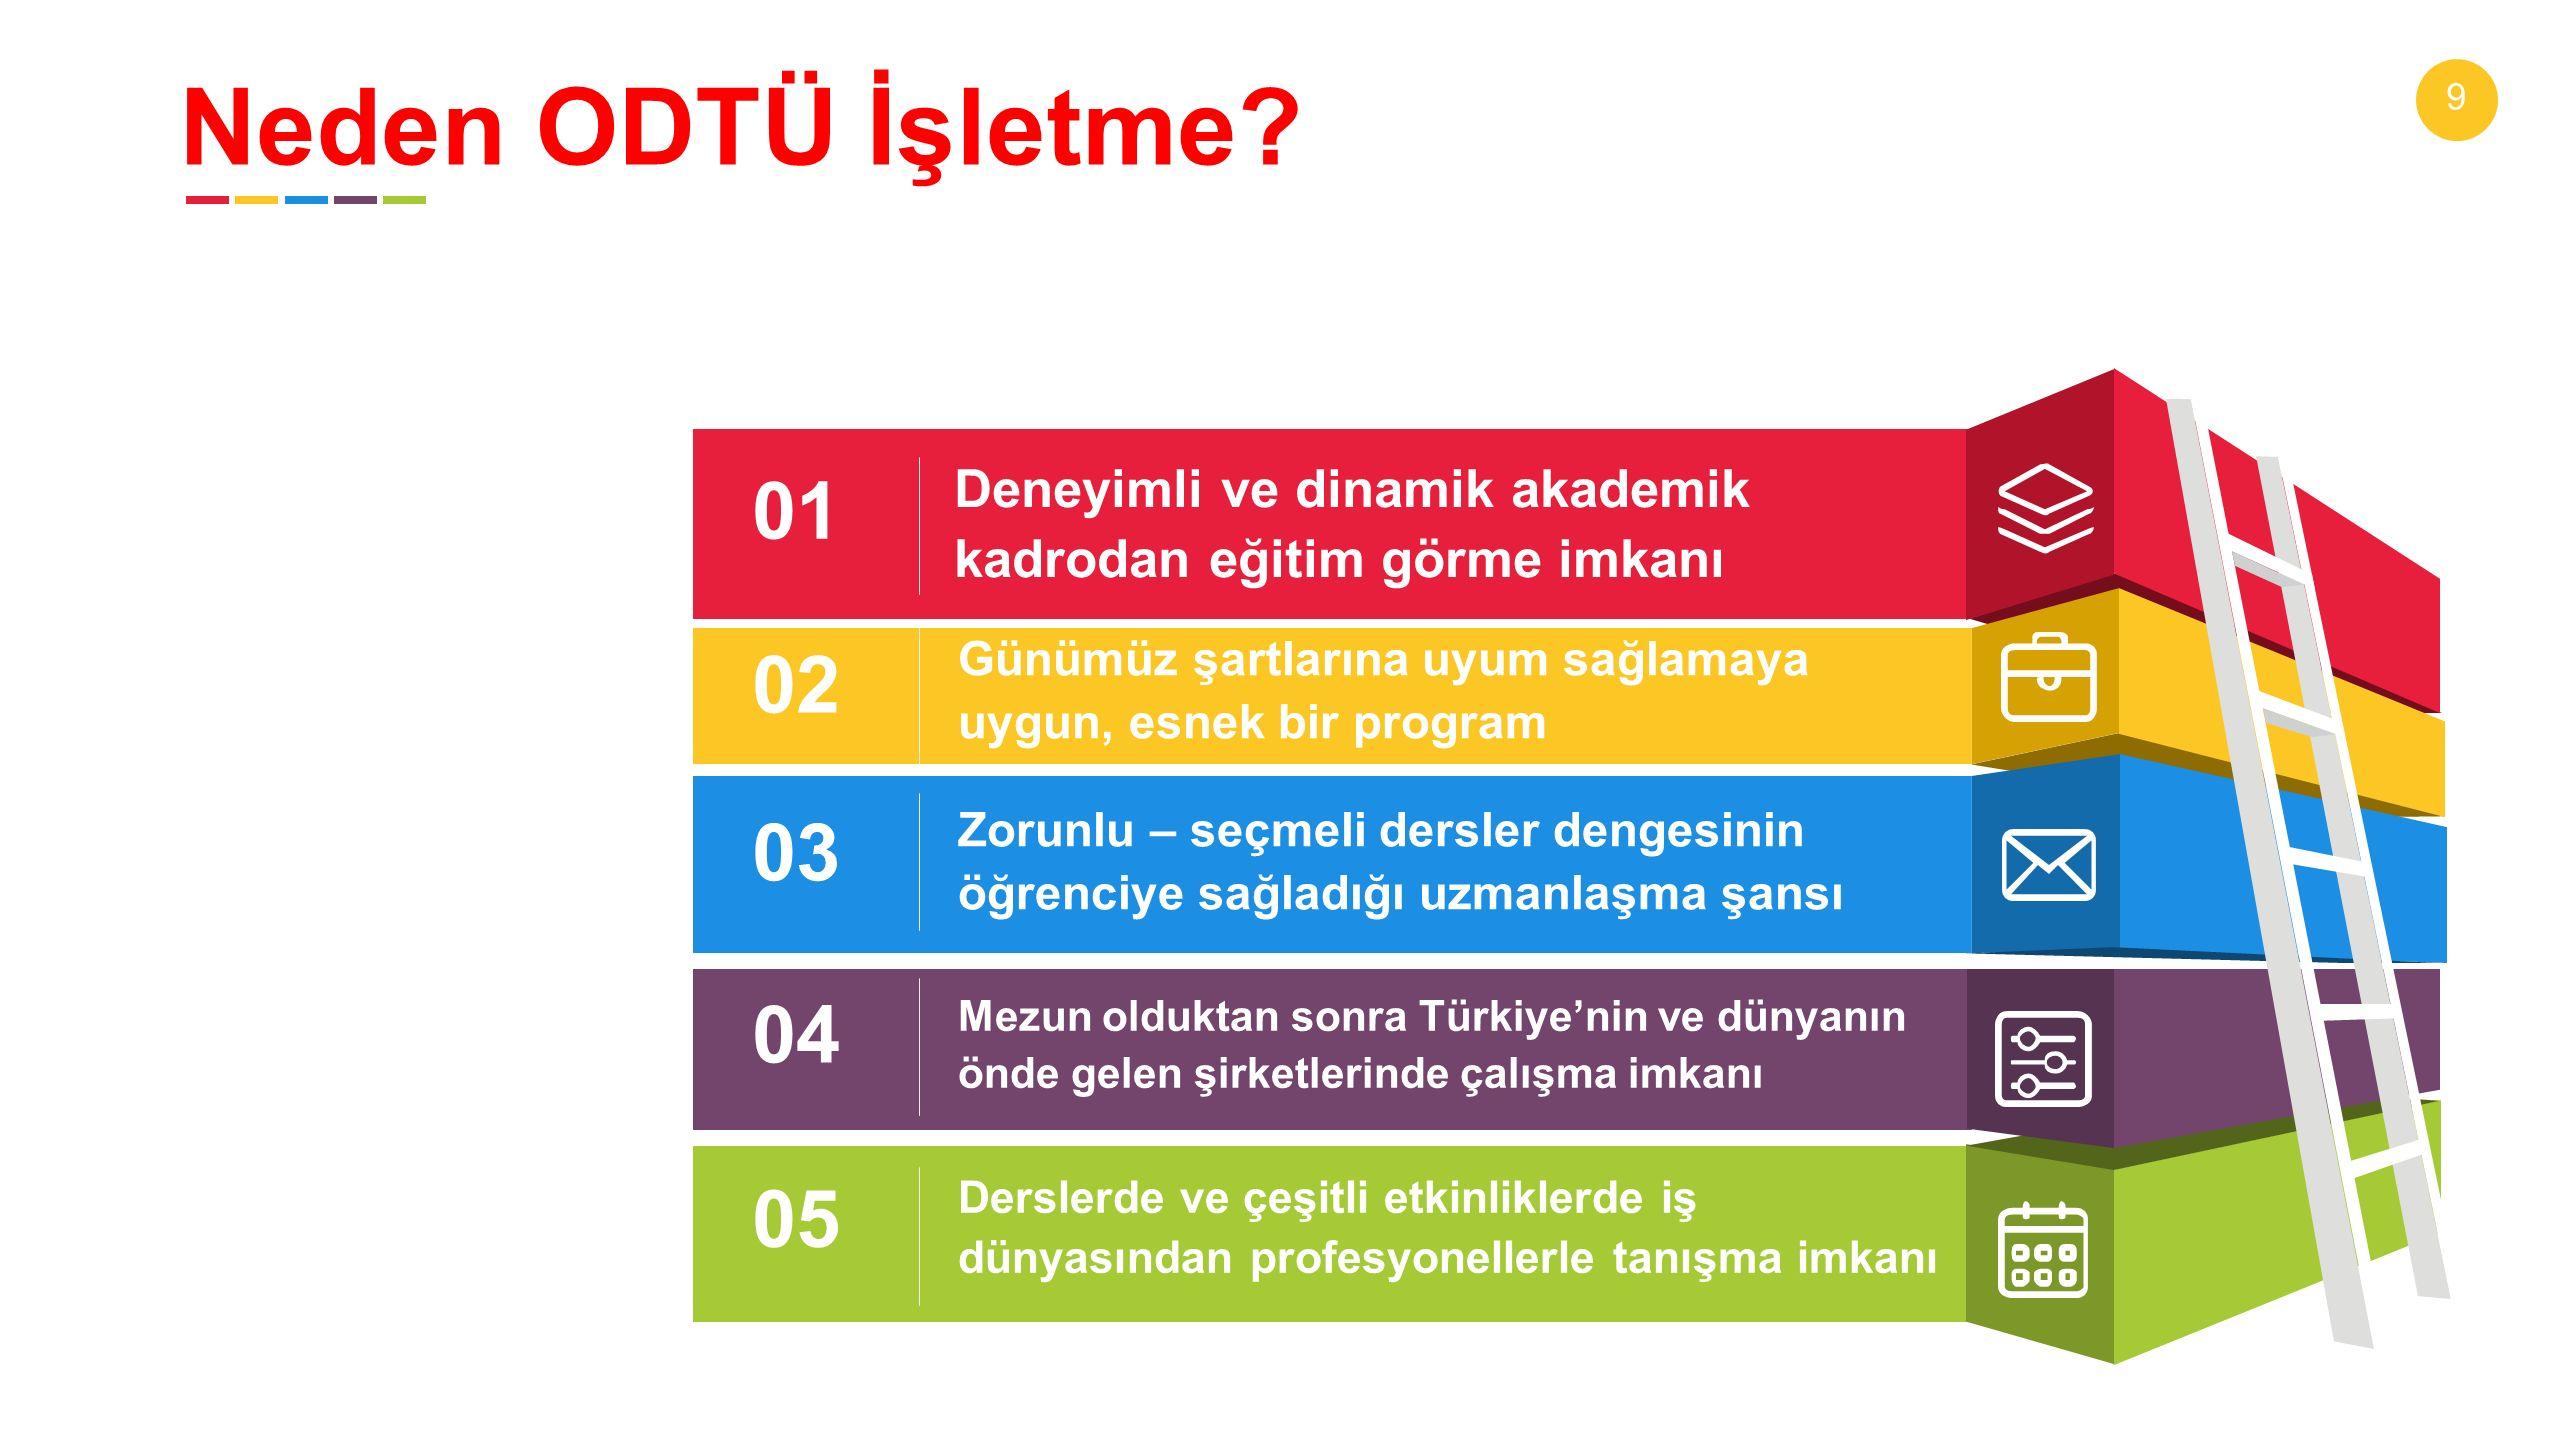 9 02 03 04 05 01 Günümüz şartlarına uyum sağlamaya uygun, esnek bir program Zorunlu – seçmeli dersler dengesinin öğrenciye sağladığı uzmanlaşma şansı Mezun olduktan sonra Türkiye'nin ve dünyanın önde gelen şirketlerinde çalışma imkanı Derslerde ve çeşitli etkinliklerde iş dünyasından profesyonellerle tanışma imkanı Deneyimli ve dinamik akademik kadrodan eğitim görme imkanı Neden ODTÜ İşletme